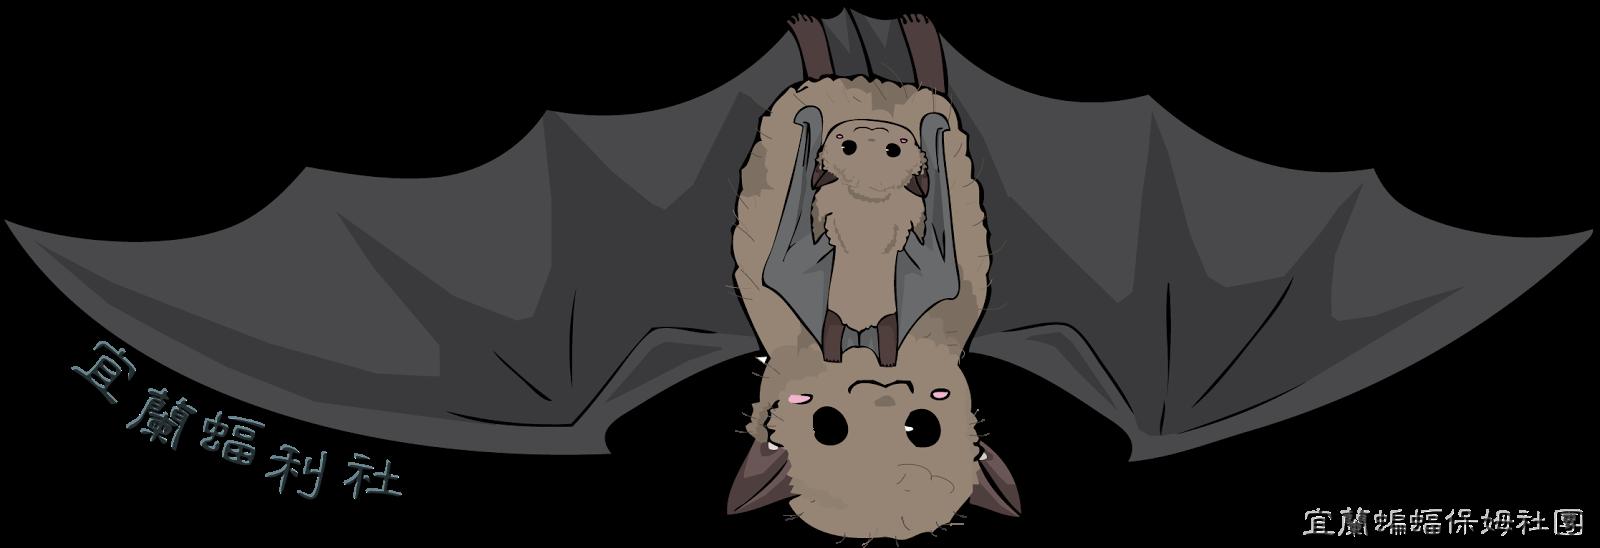 宜蘭蝠利社(蝙蝠保姆社團)